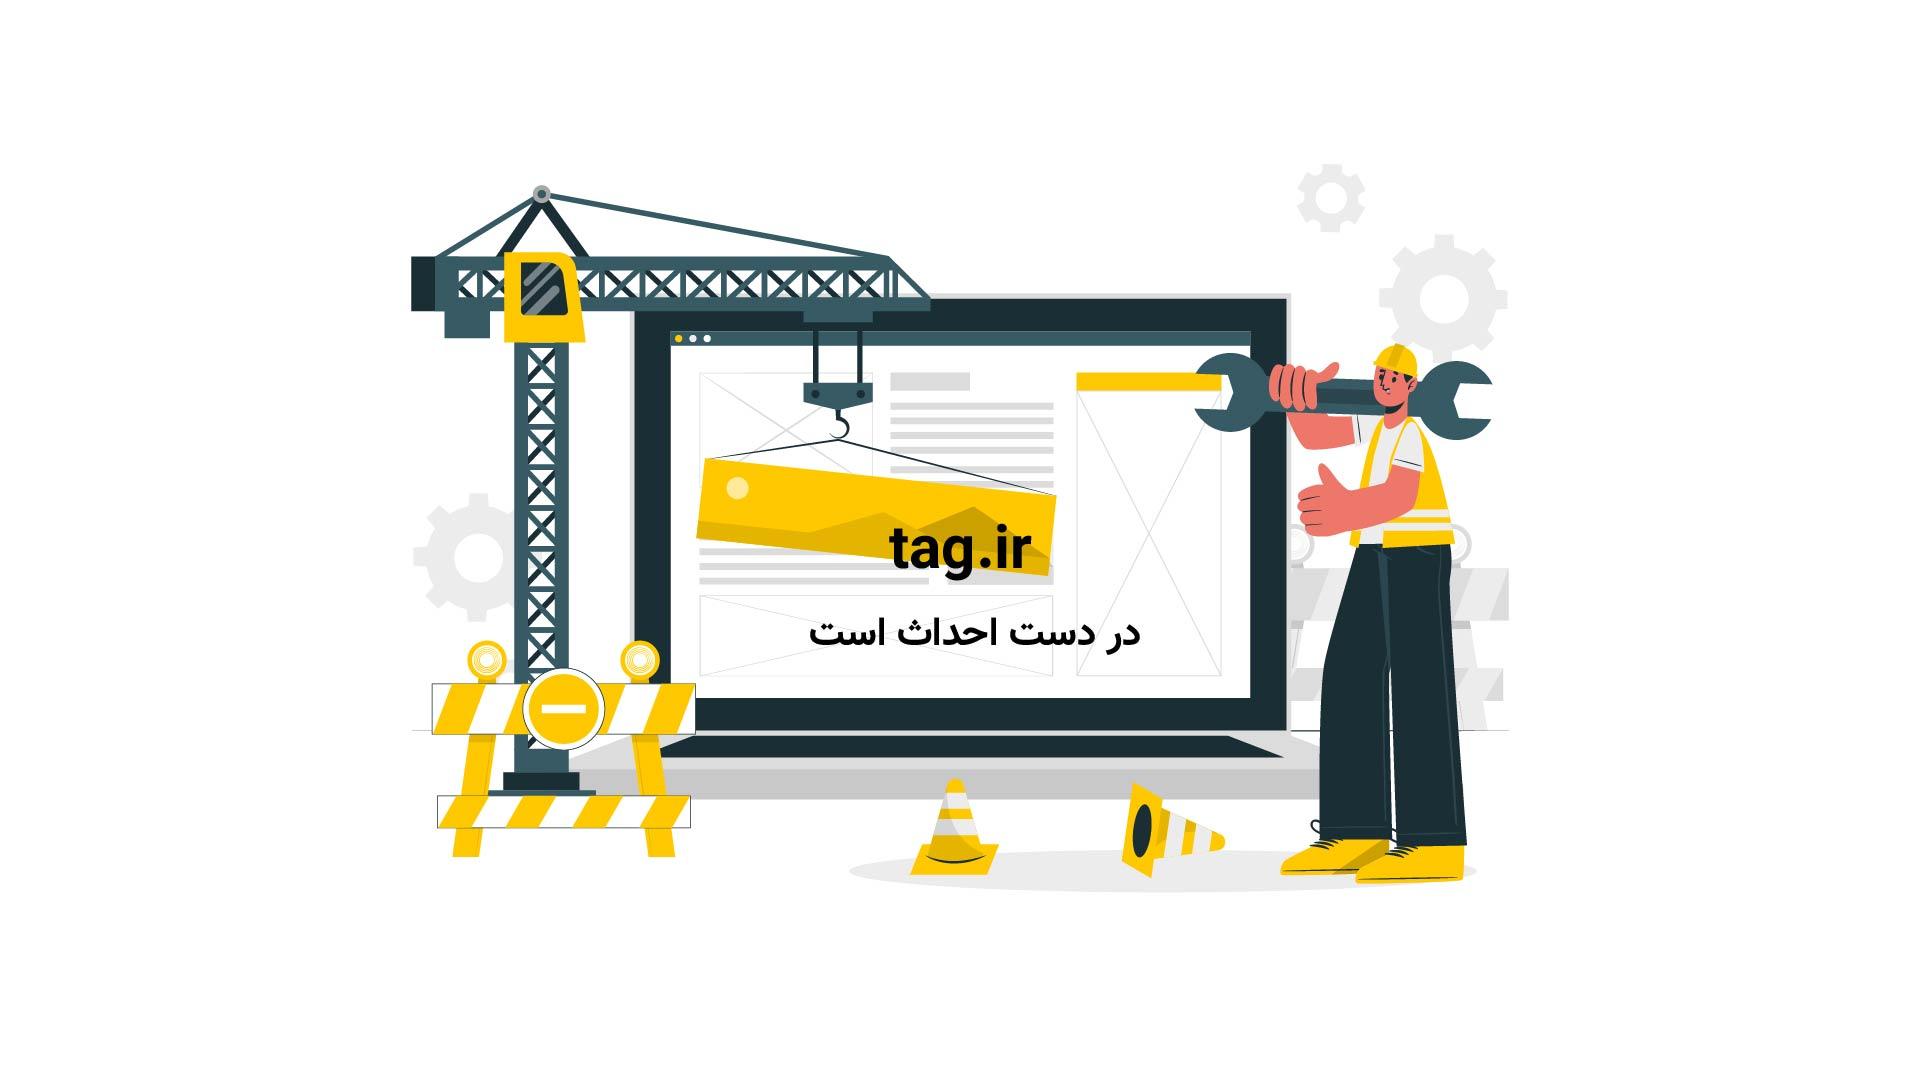 ماهی شیشه ای | تگ